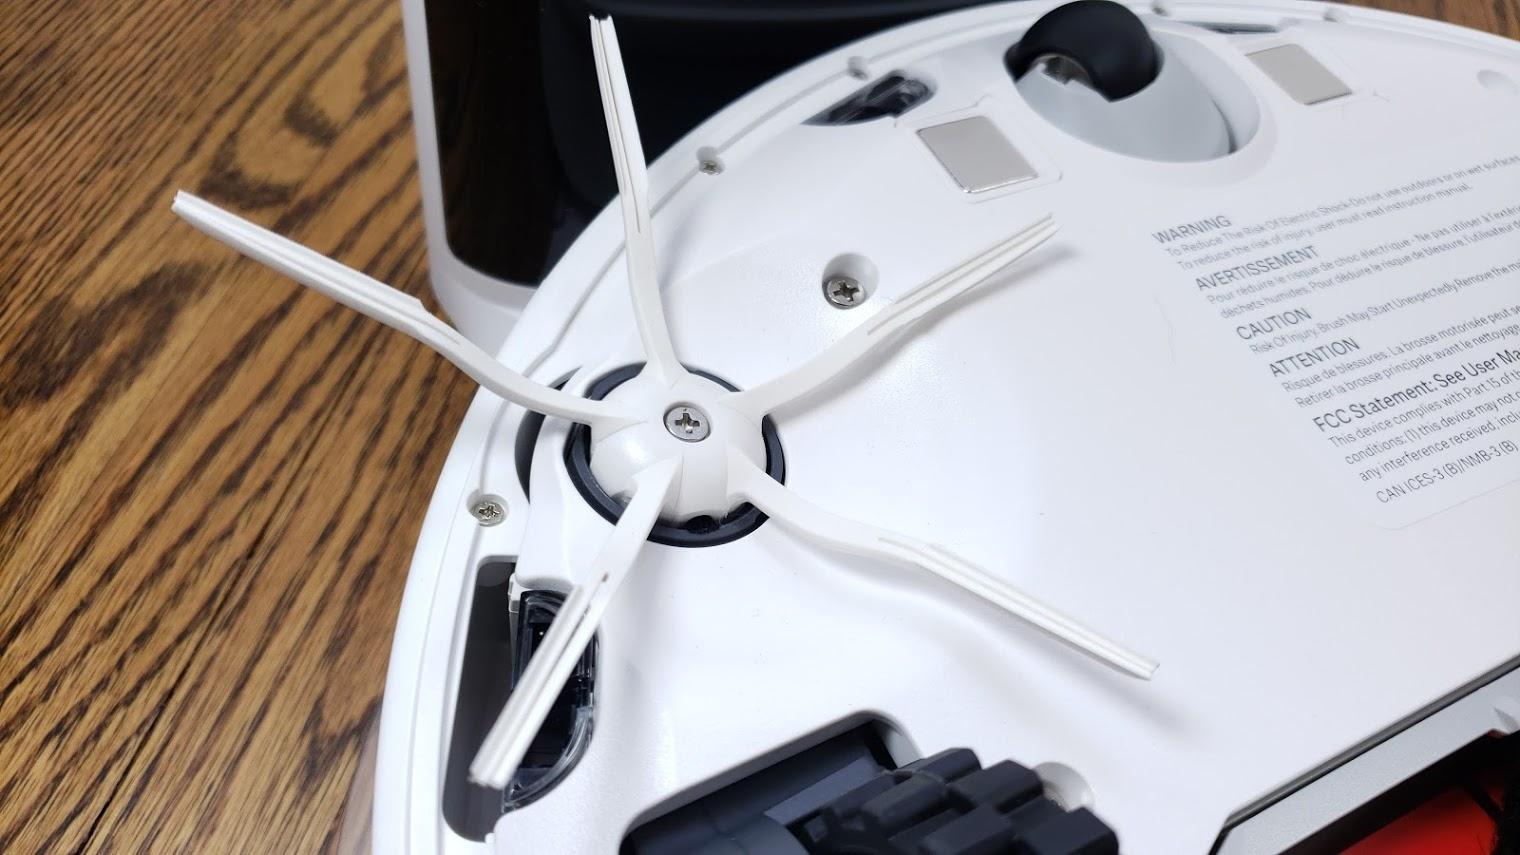 مجرد متعة التقنية: استعراض Roborock S6 مكنسة كهربائية الروبوت 3